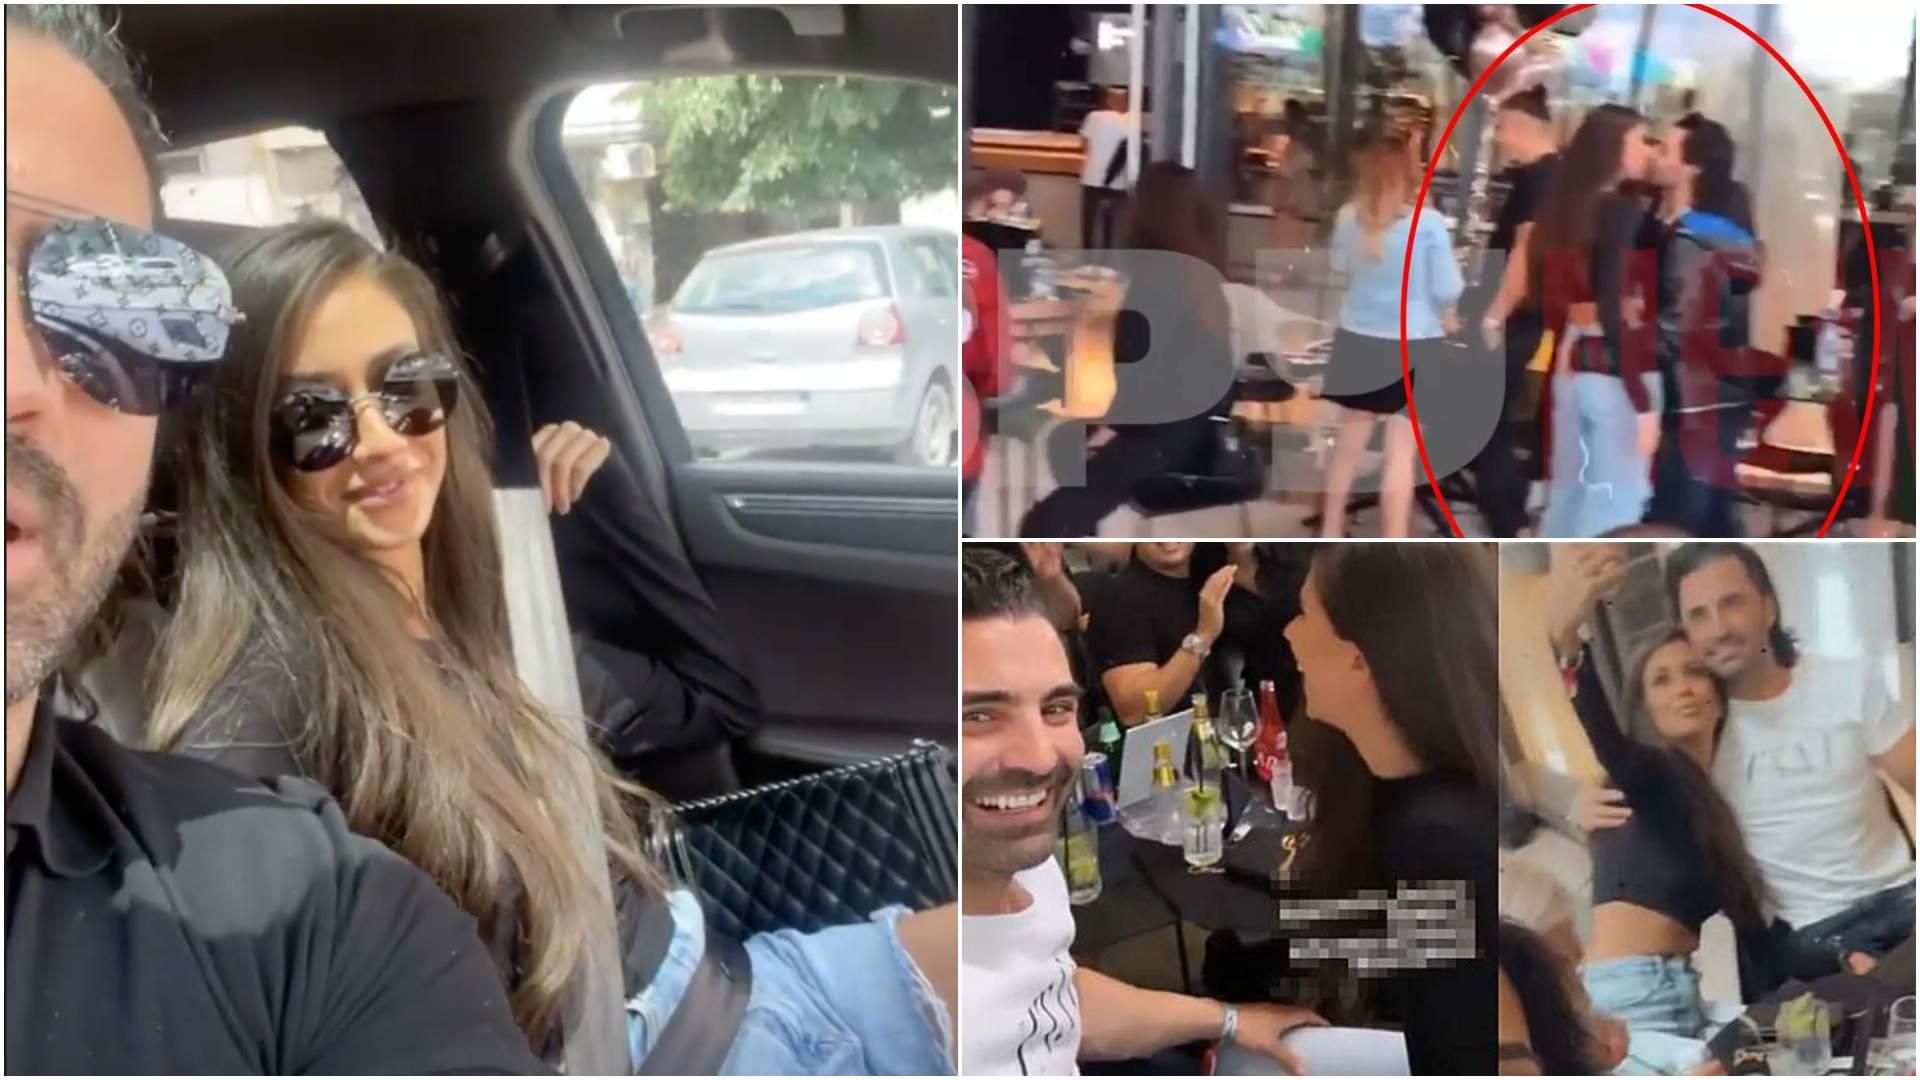 Colaj cu Pepe și Yasmine împreună, în mașină și când se sărută.